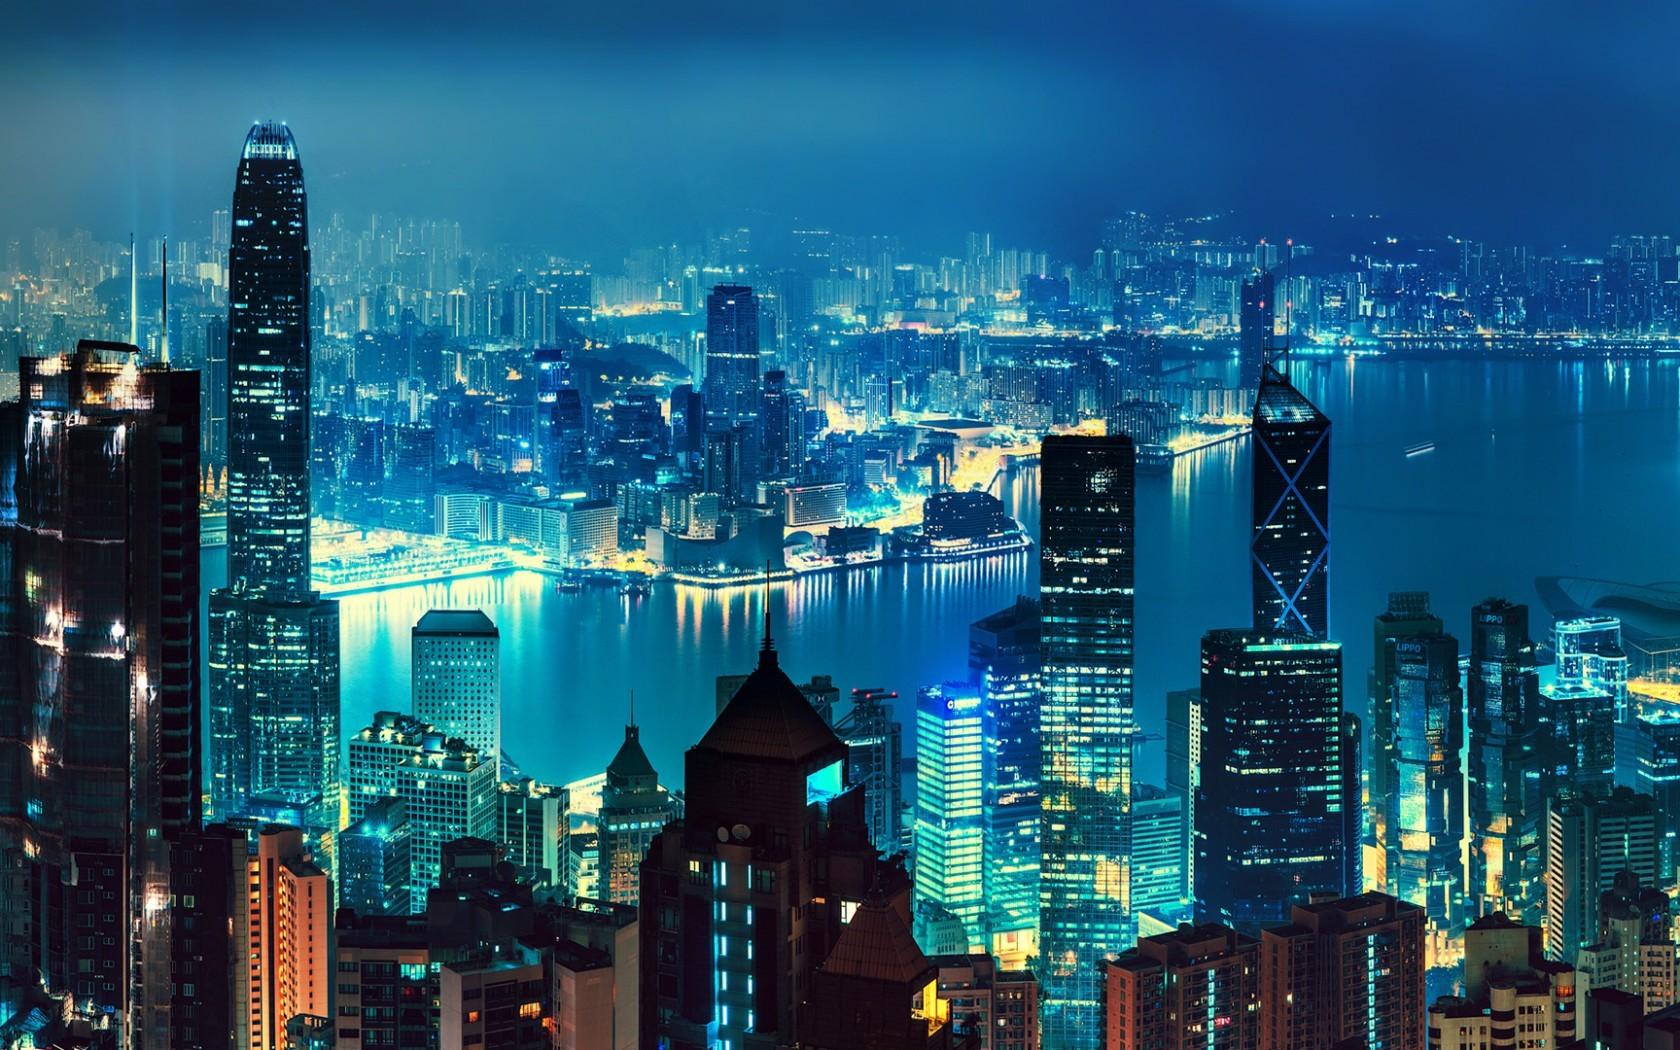 Fond d'ecran Baie ville moderne asiatique - Wallpaper